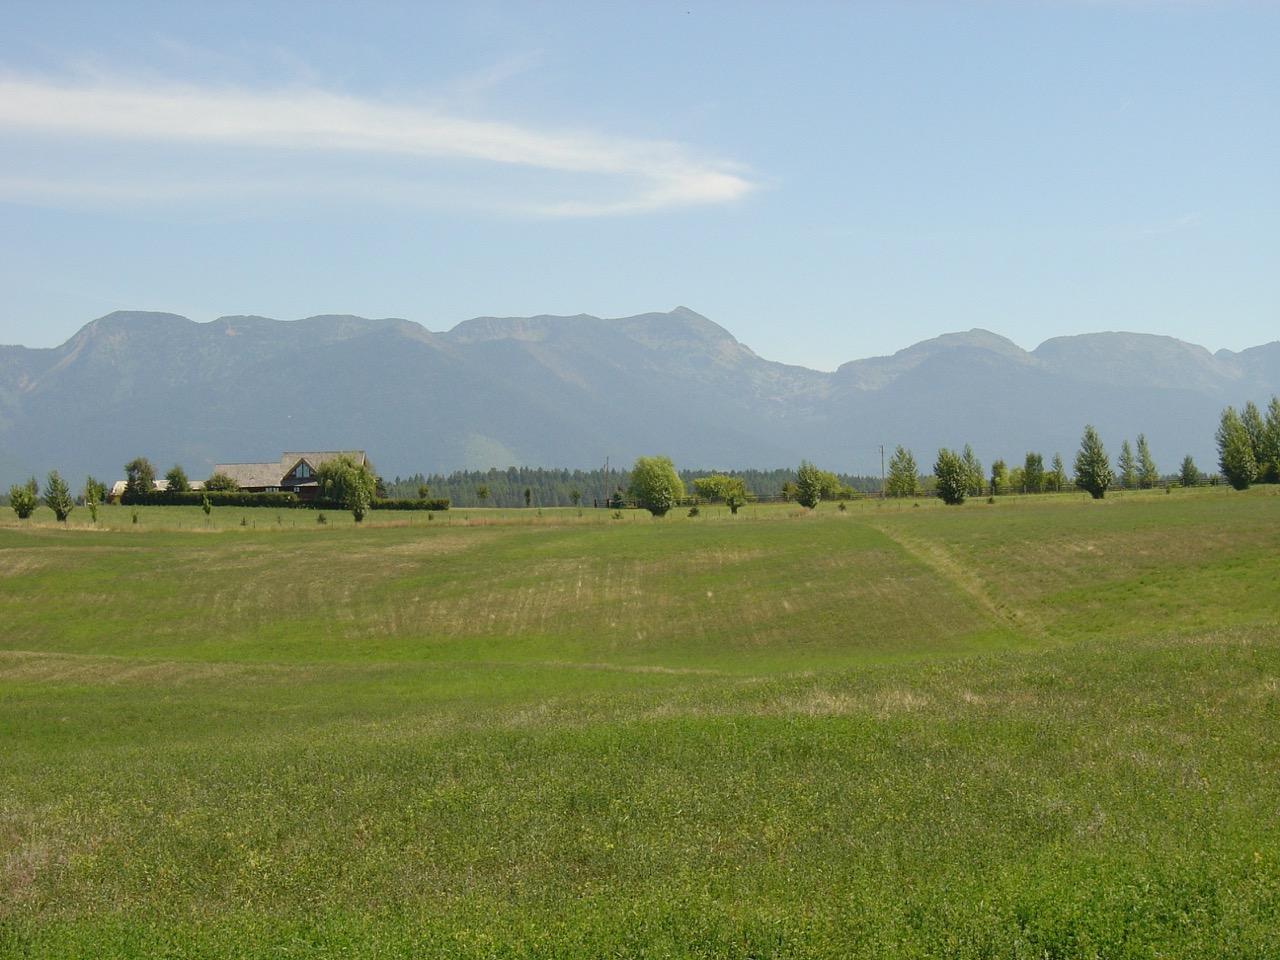 Đất đai vì Bán tại 1023 La Brant Rd , Kalispell, MT 59901 1023 La Brant Rd Kalispell, Montana, 59901 Hoa Kỳ